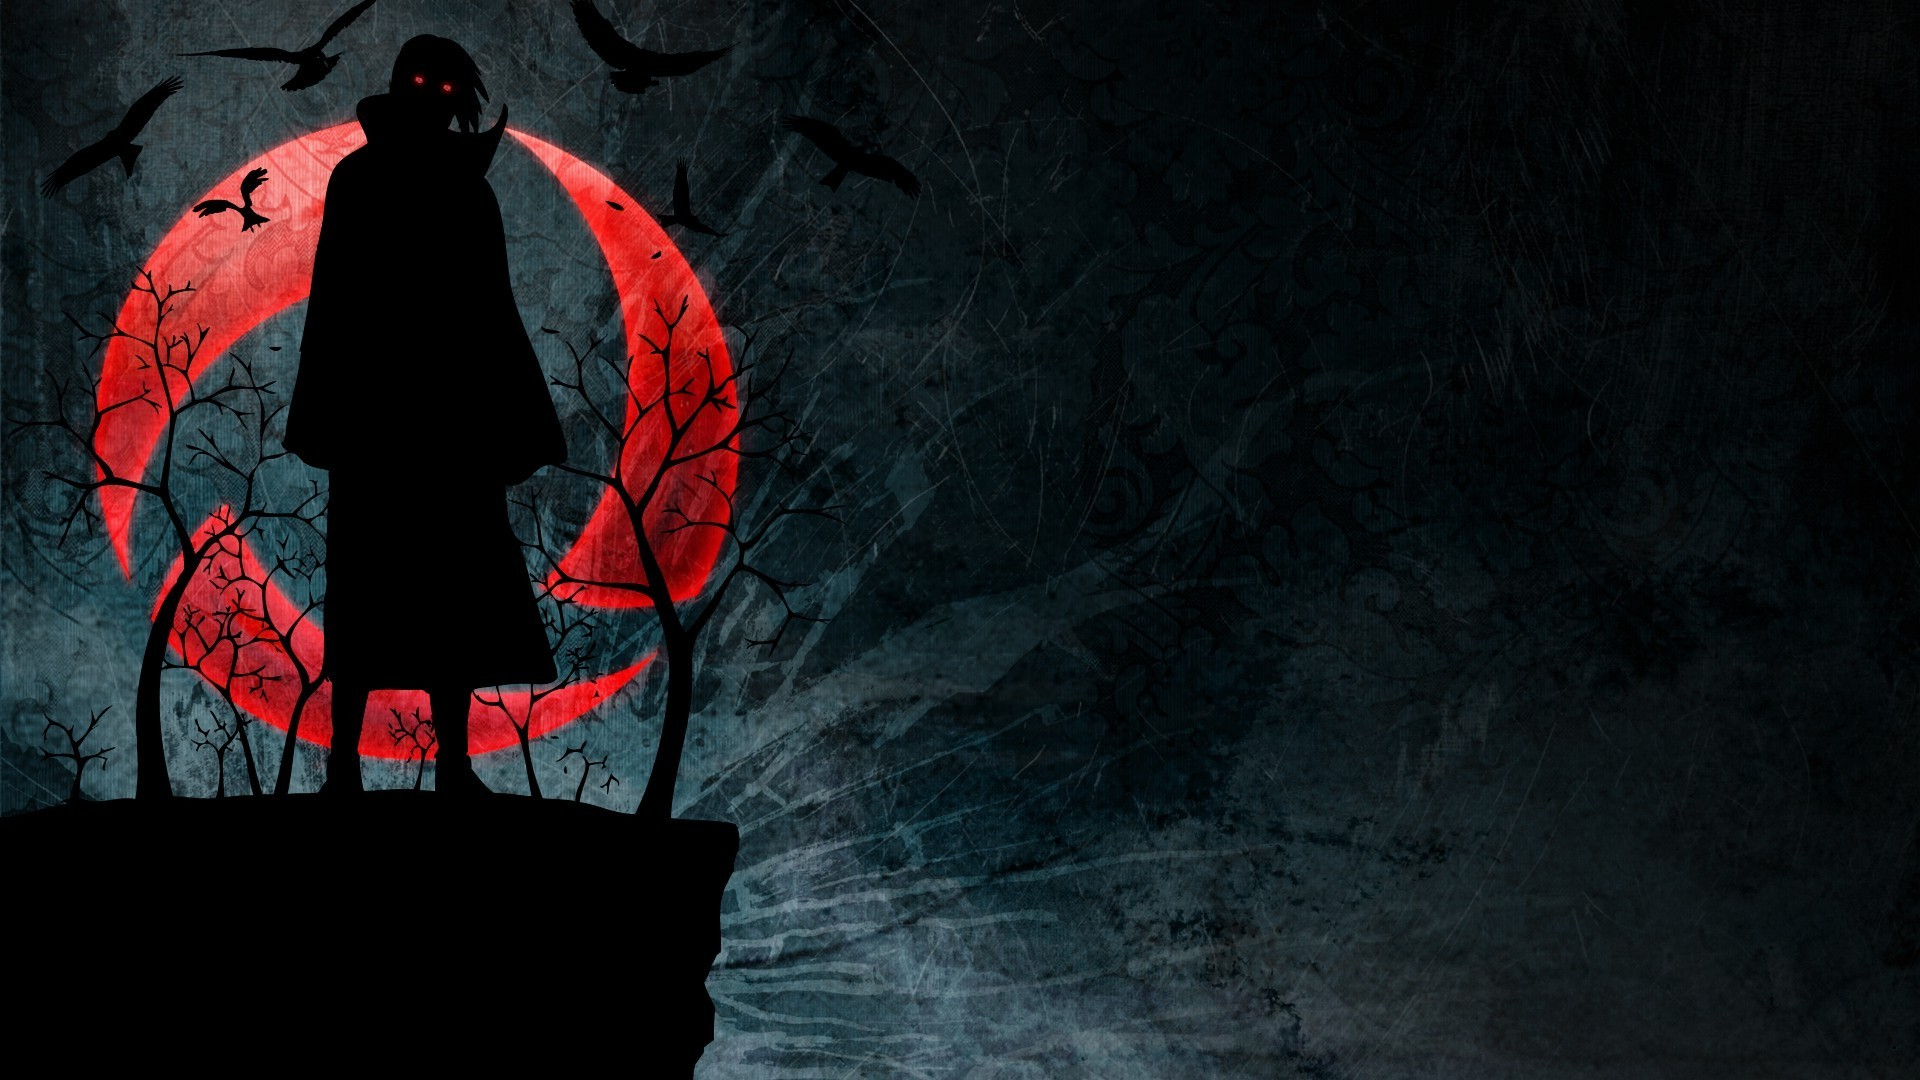 Uchiha Itachi, Naruto Shippuuden, Akatsuki, Silhouette, - Itachi Uchiha Wallpaper 4k - HD Wallpaper